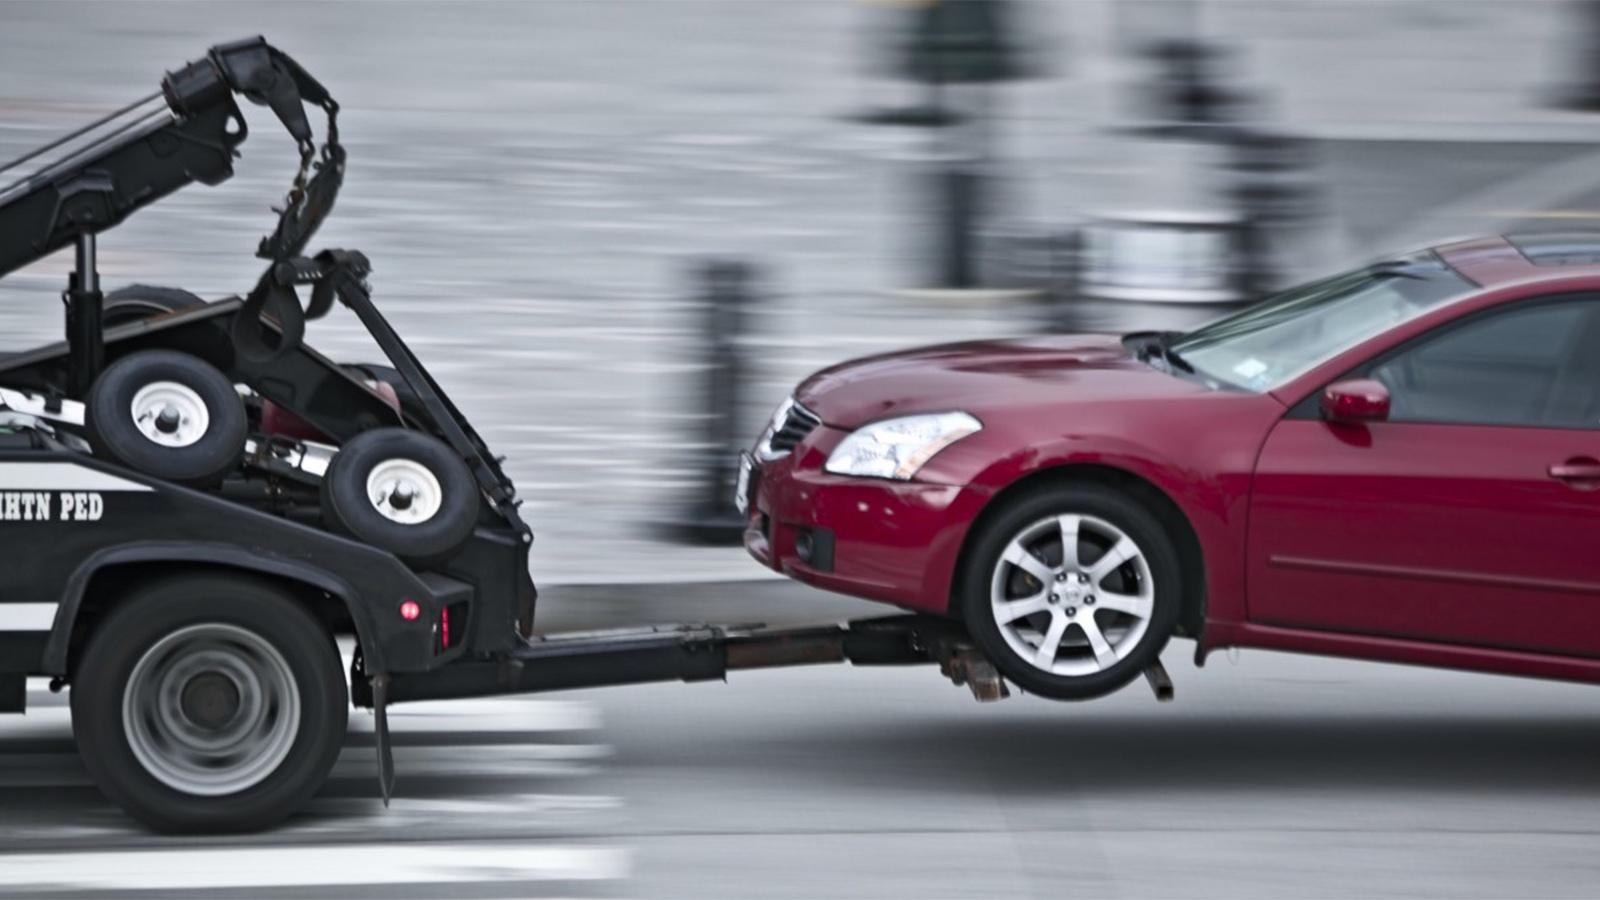 Lưu ý khi kéo xe gặp sự cố bằng xe cứu hộ